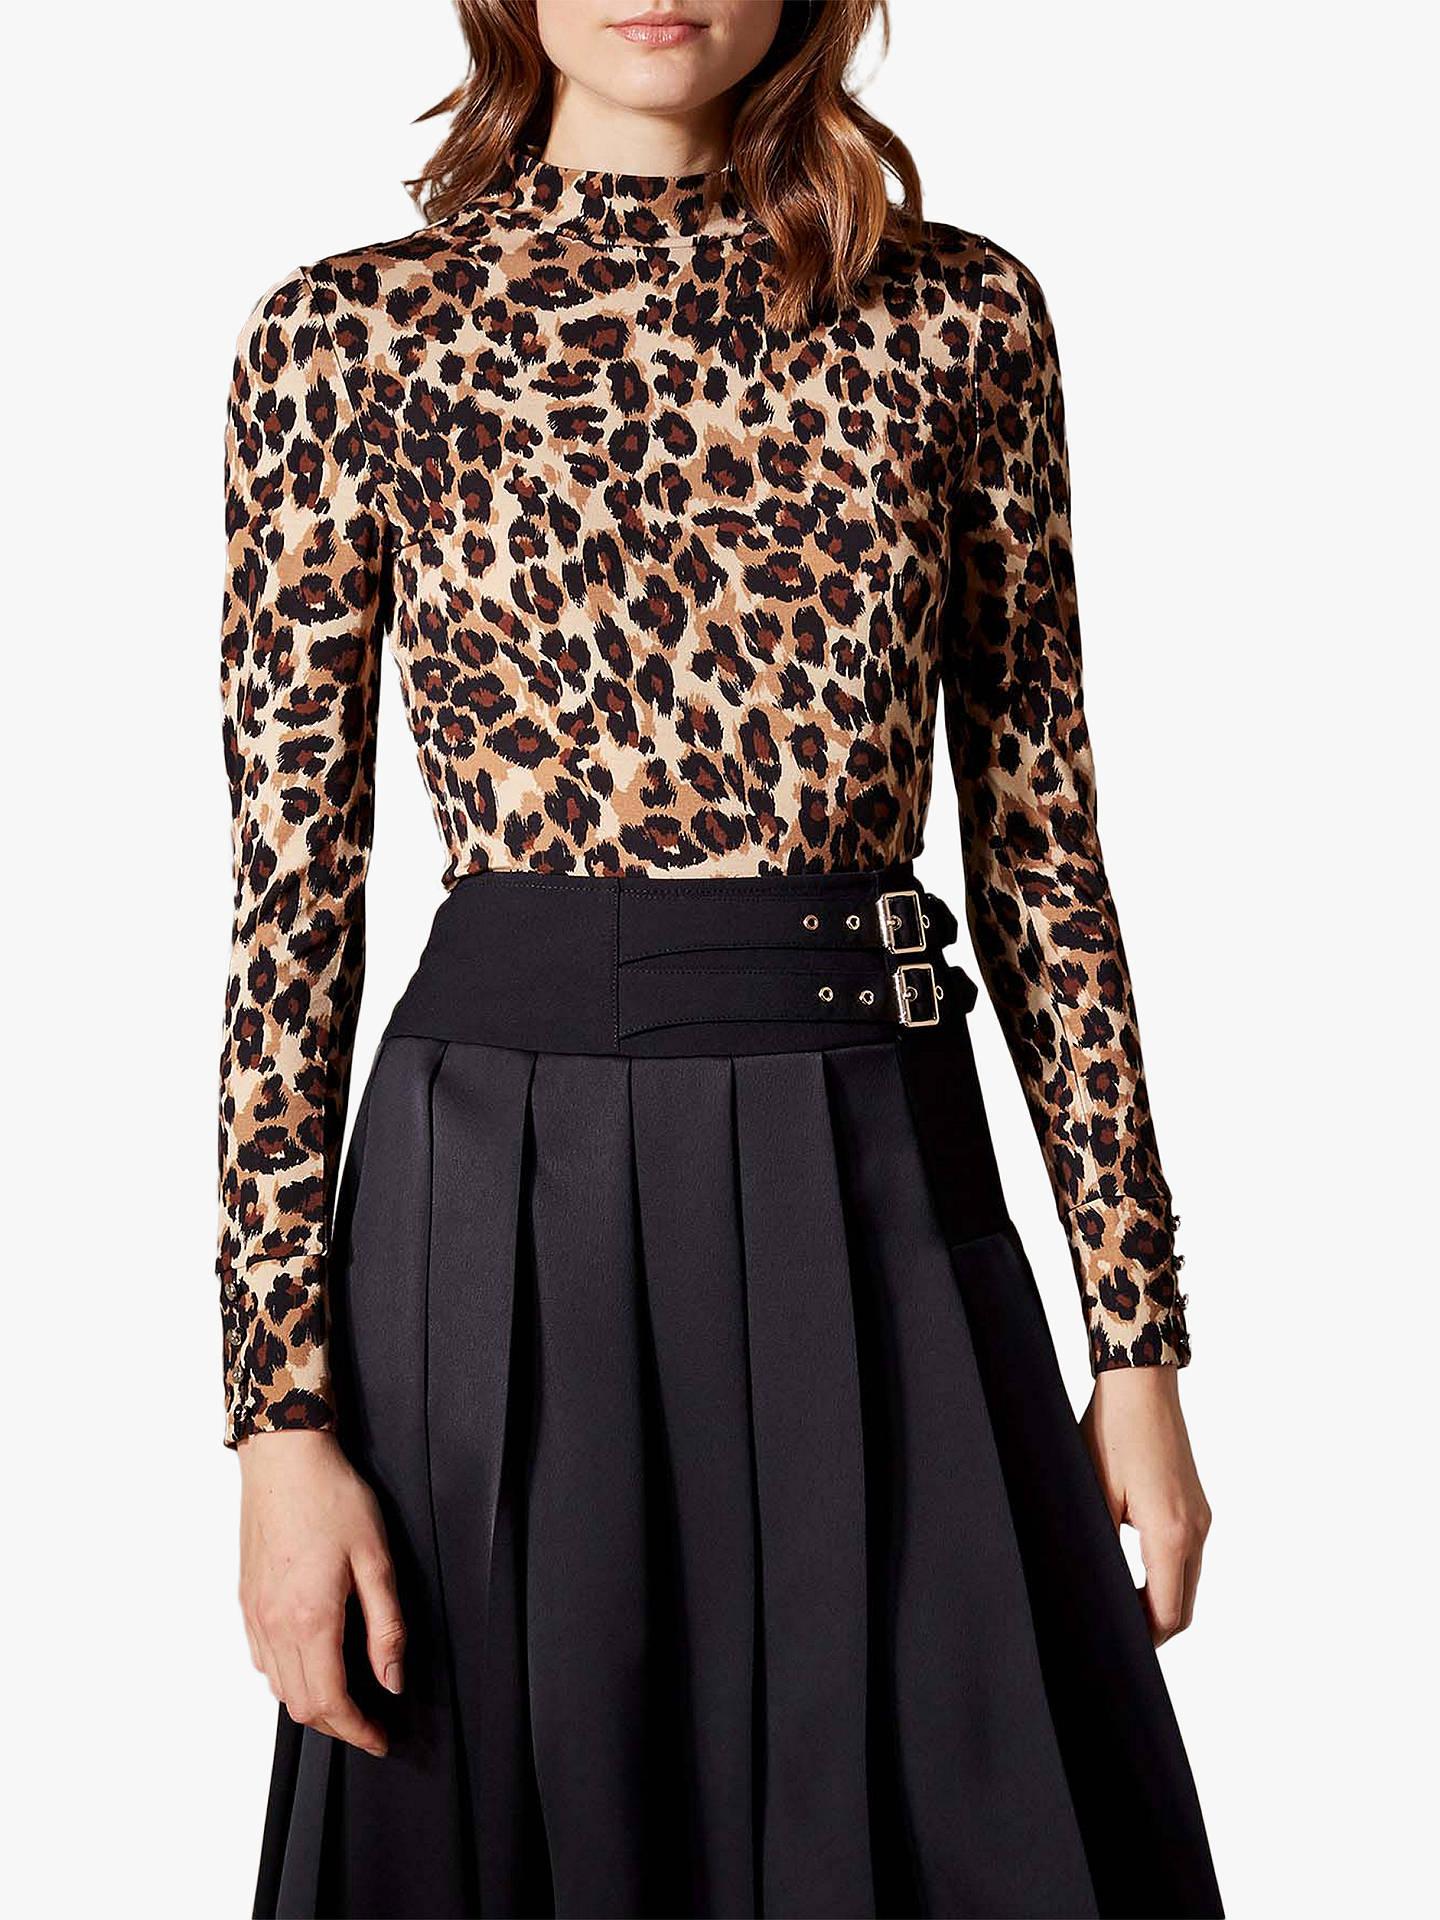 ff76dea8943 Buy Karen Millen Leopard Print Top, Brown, 6 Online at johnlewis.com ...